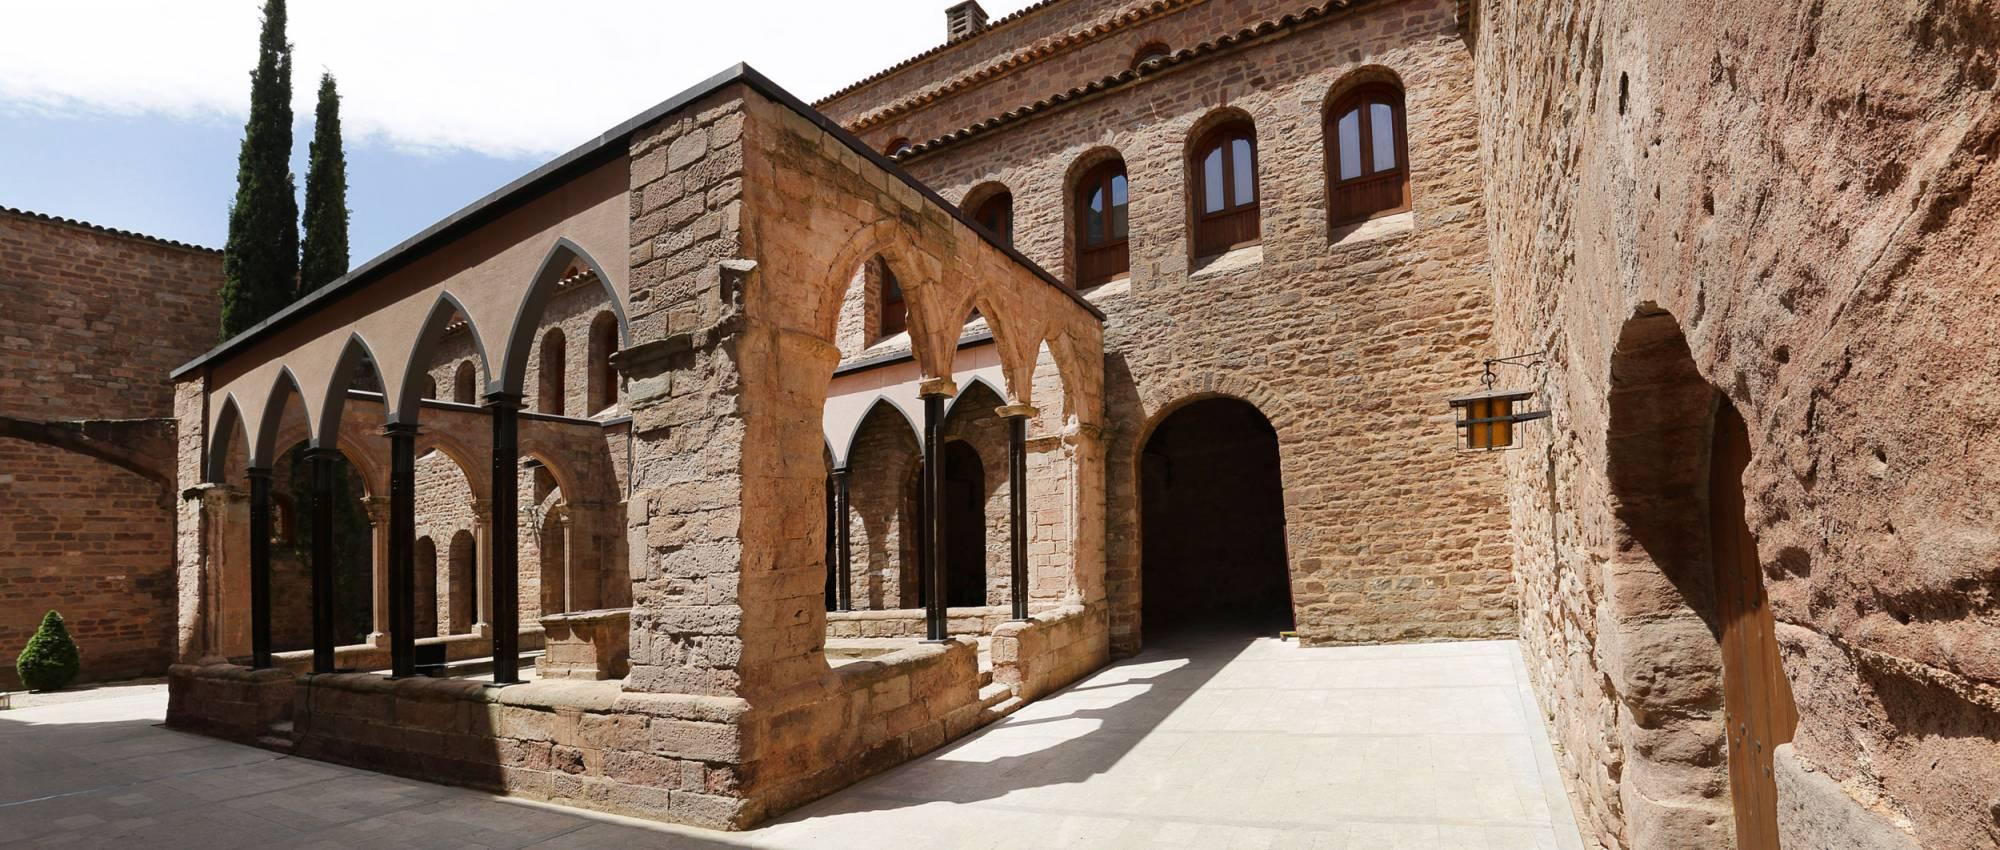 Claustre del castell de Cardona. Jordi Play / DGPC